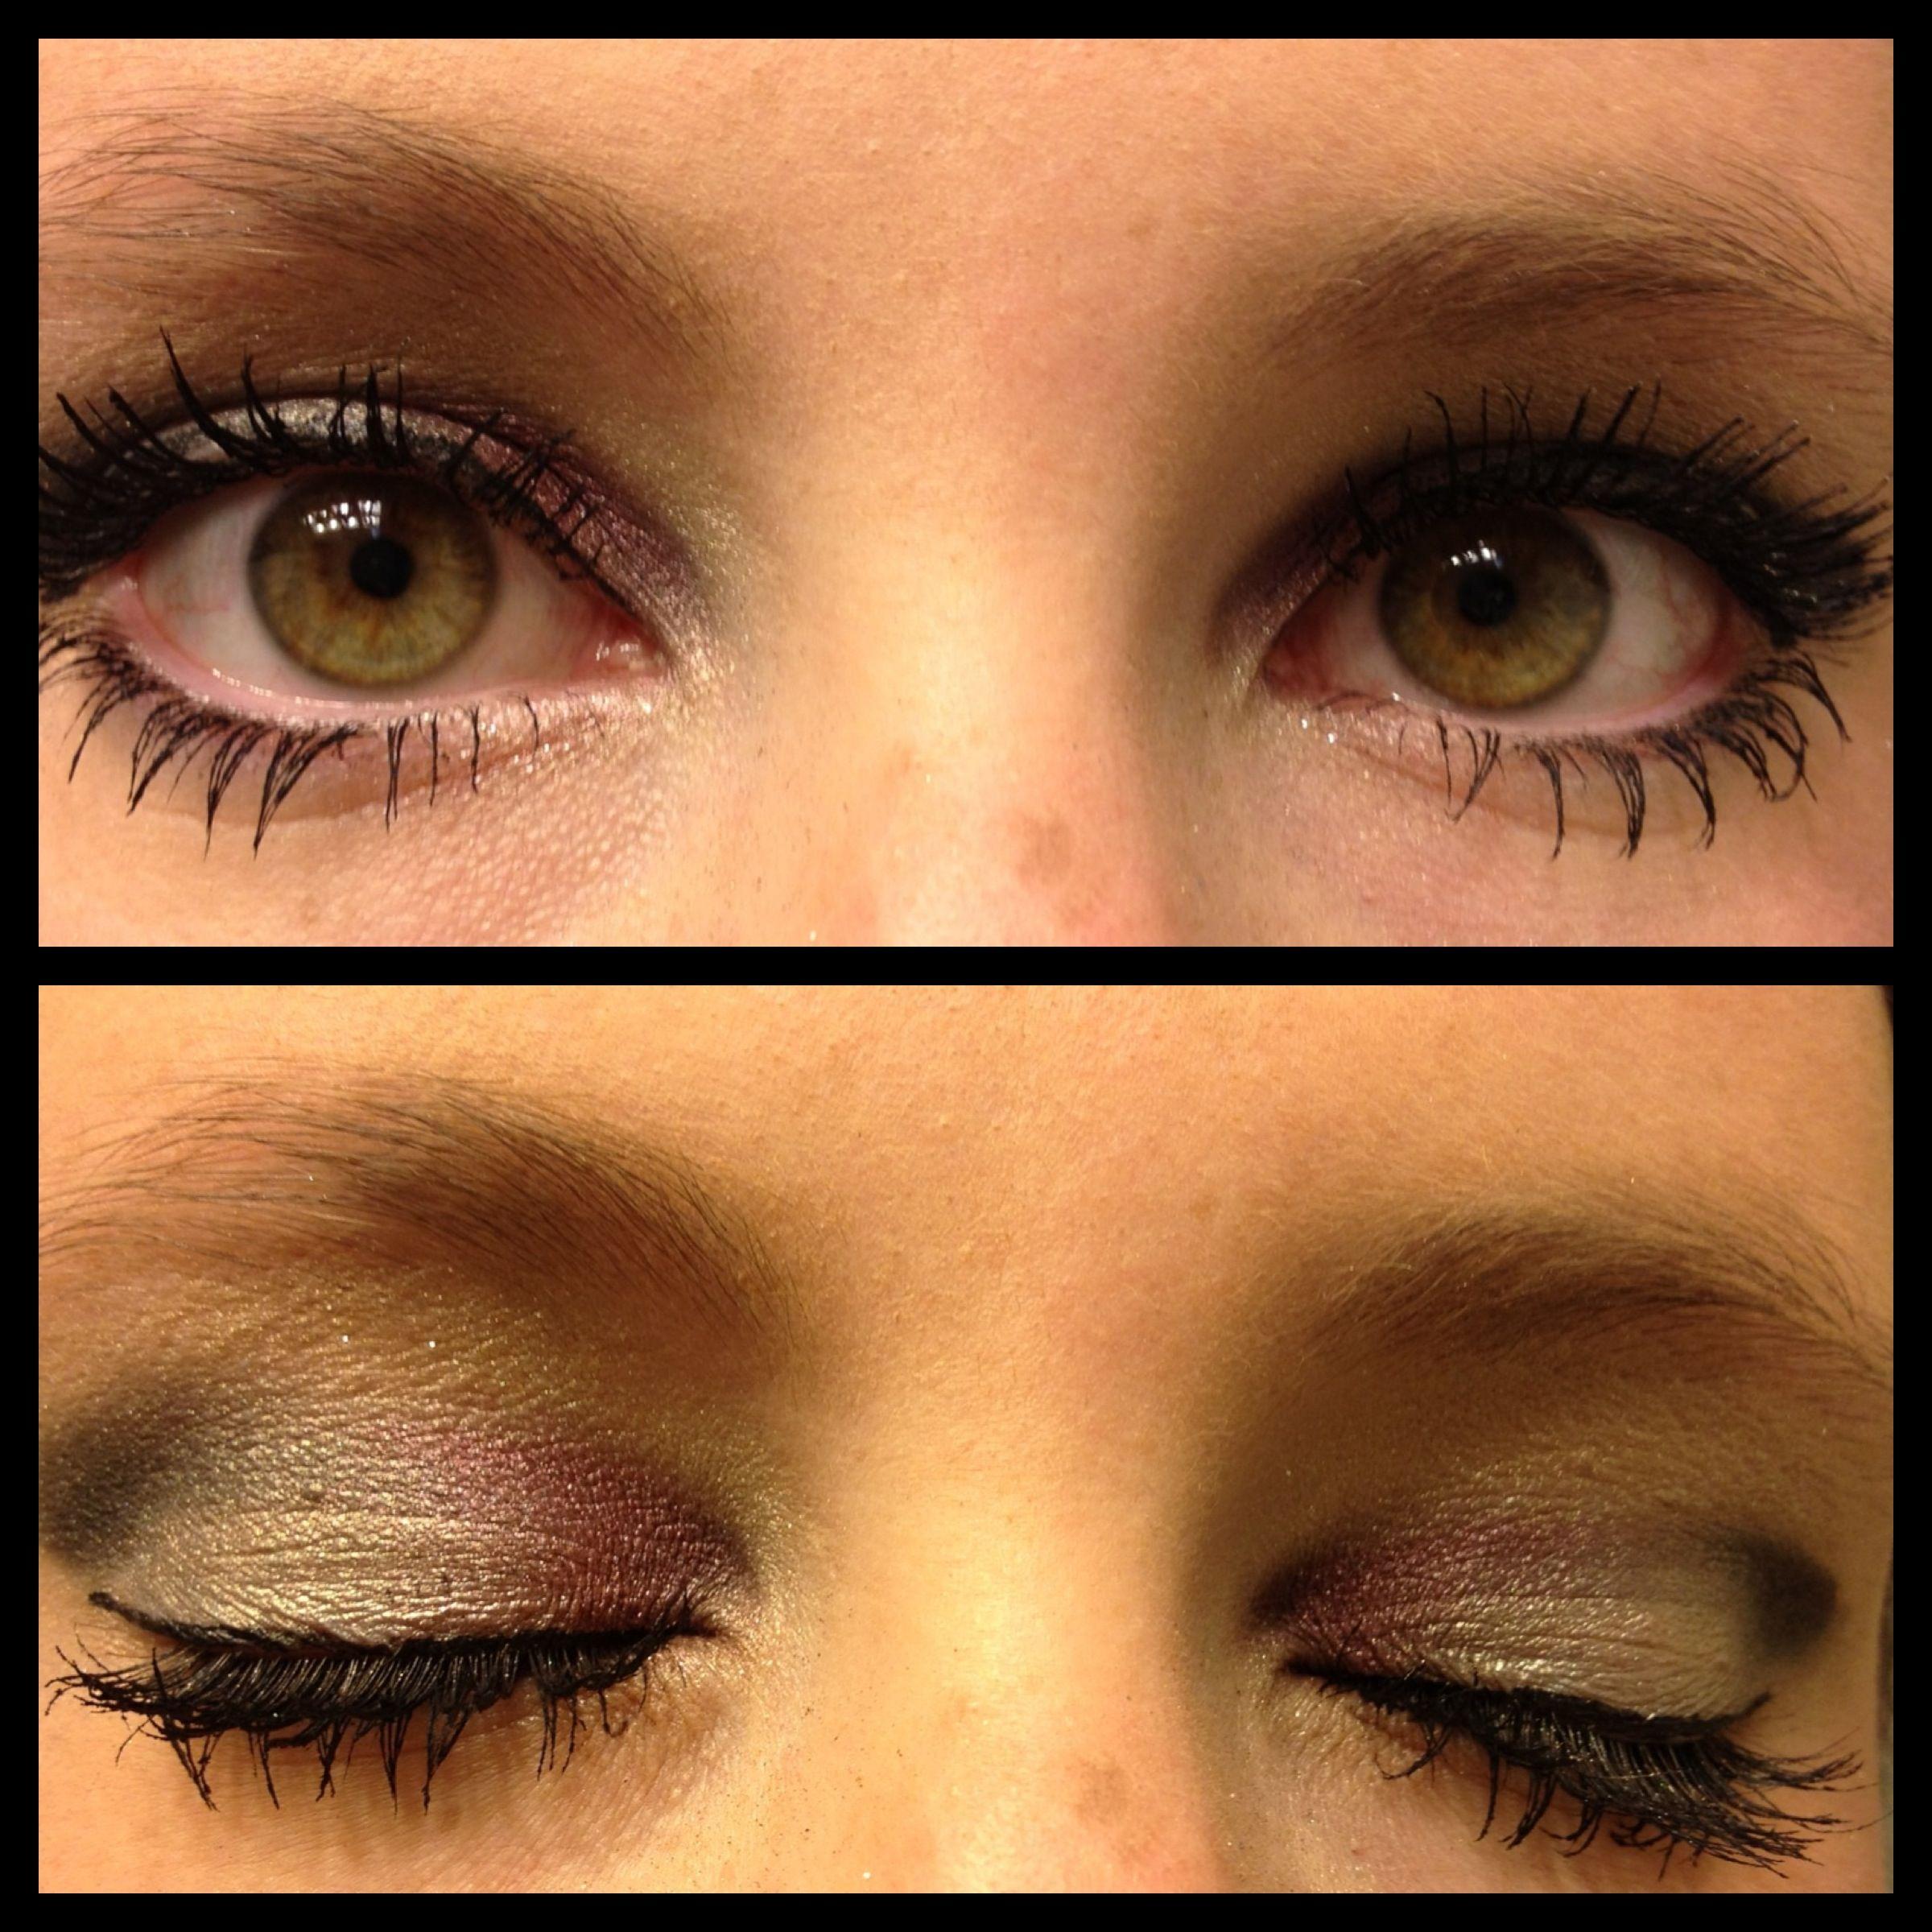 great eye shadow for green eyes or hazel eyes! urban decay and